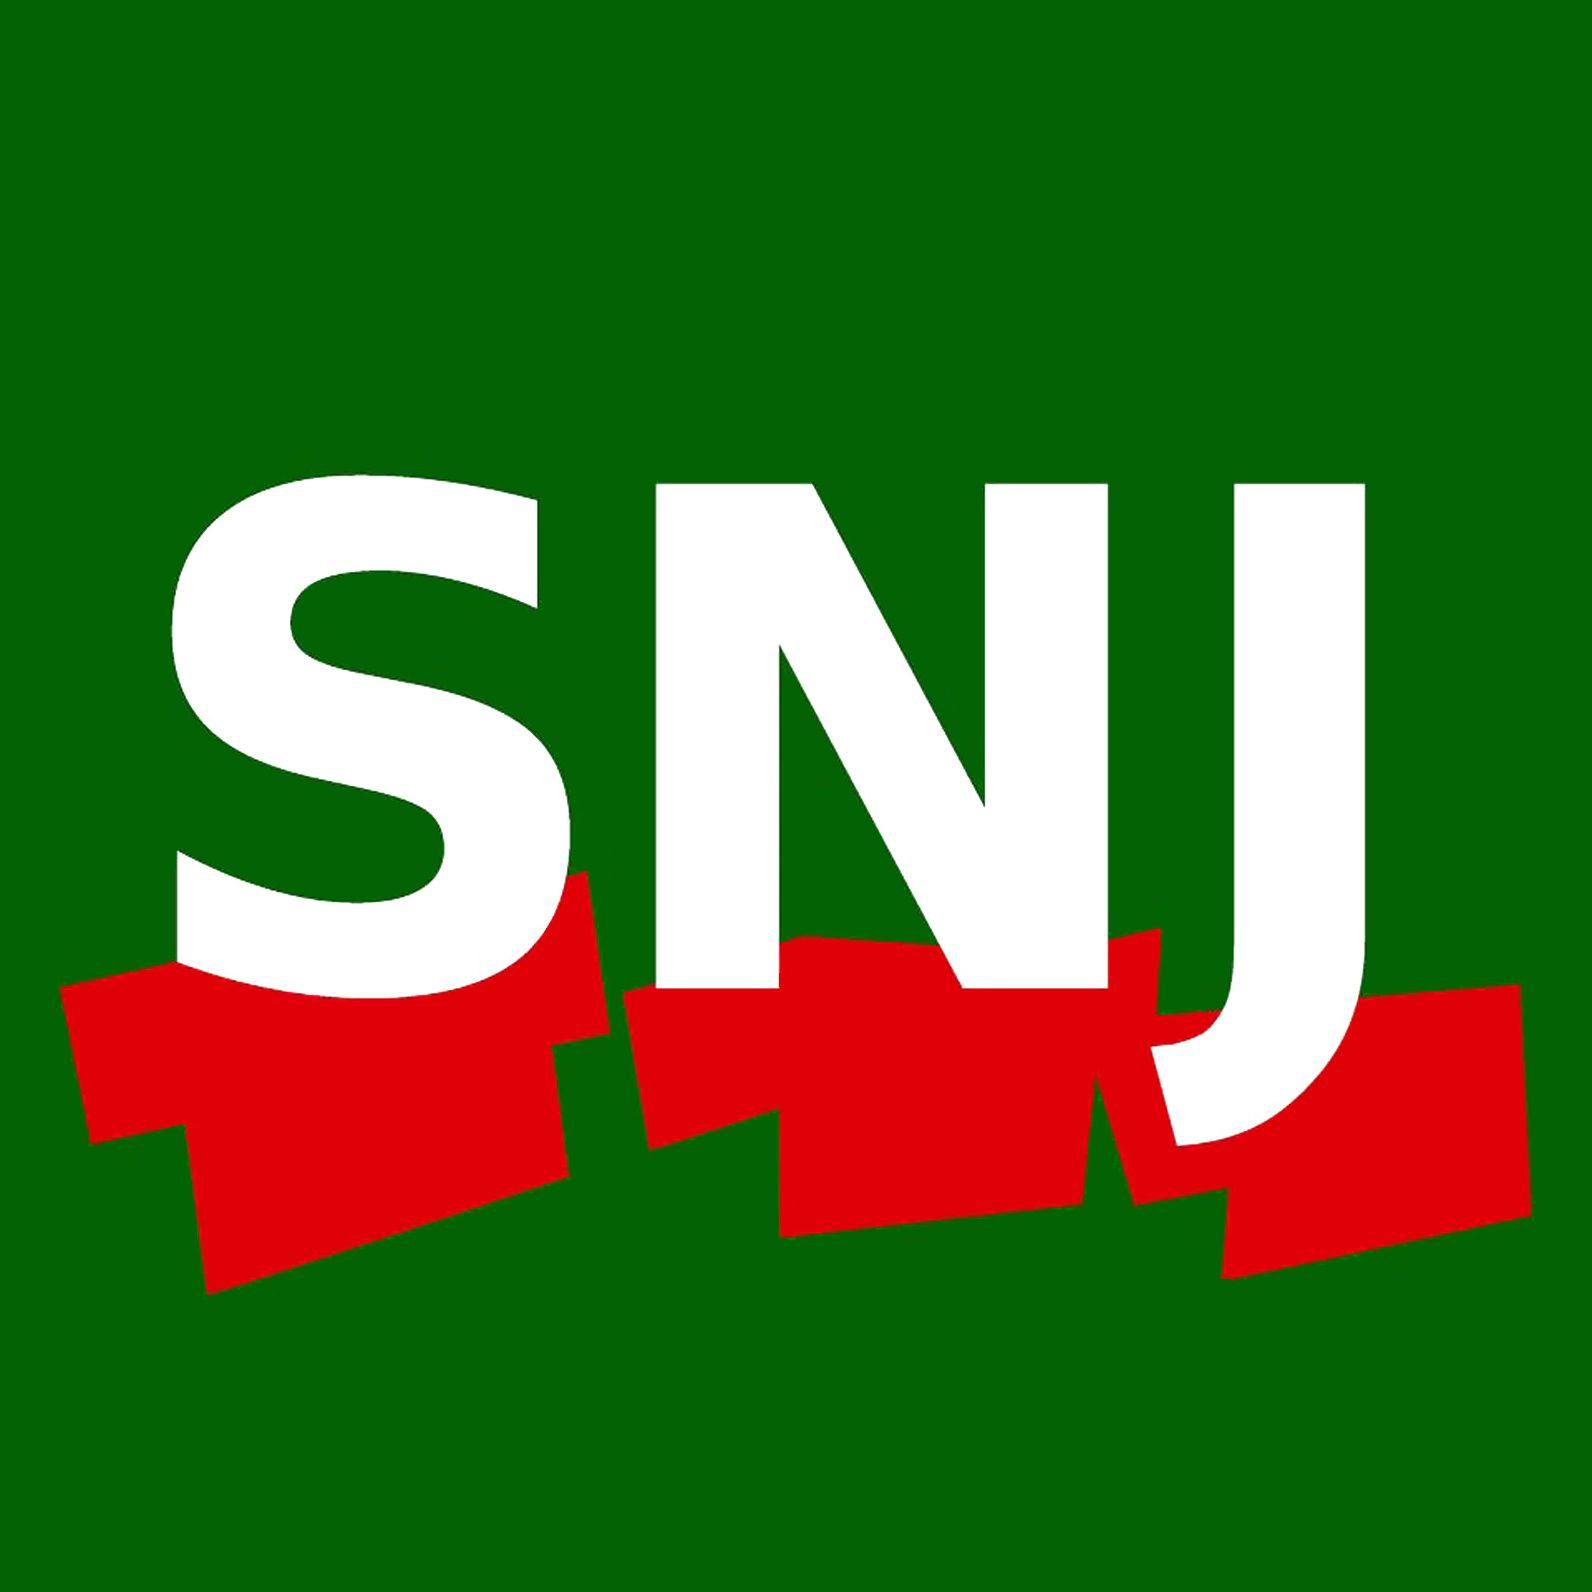 """SNJ Réunion : """"Free Dom définitivement condamnée"""" (journaliste maltraitée)"""